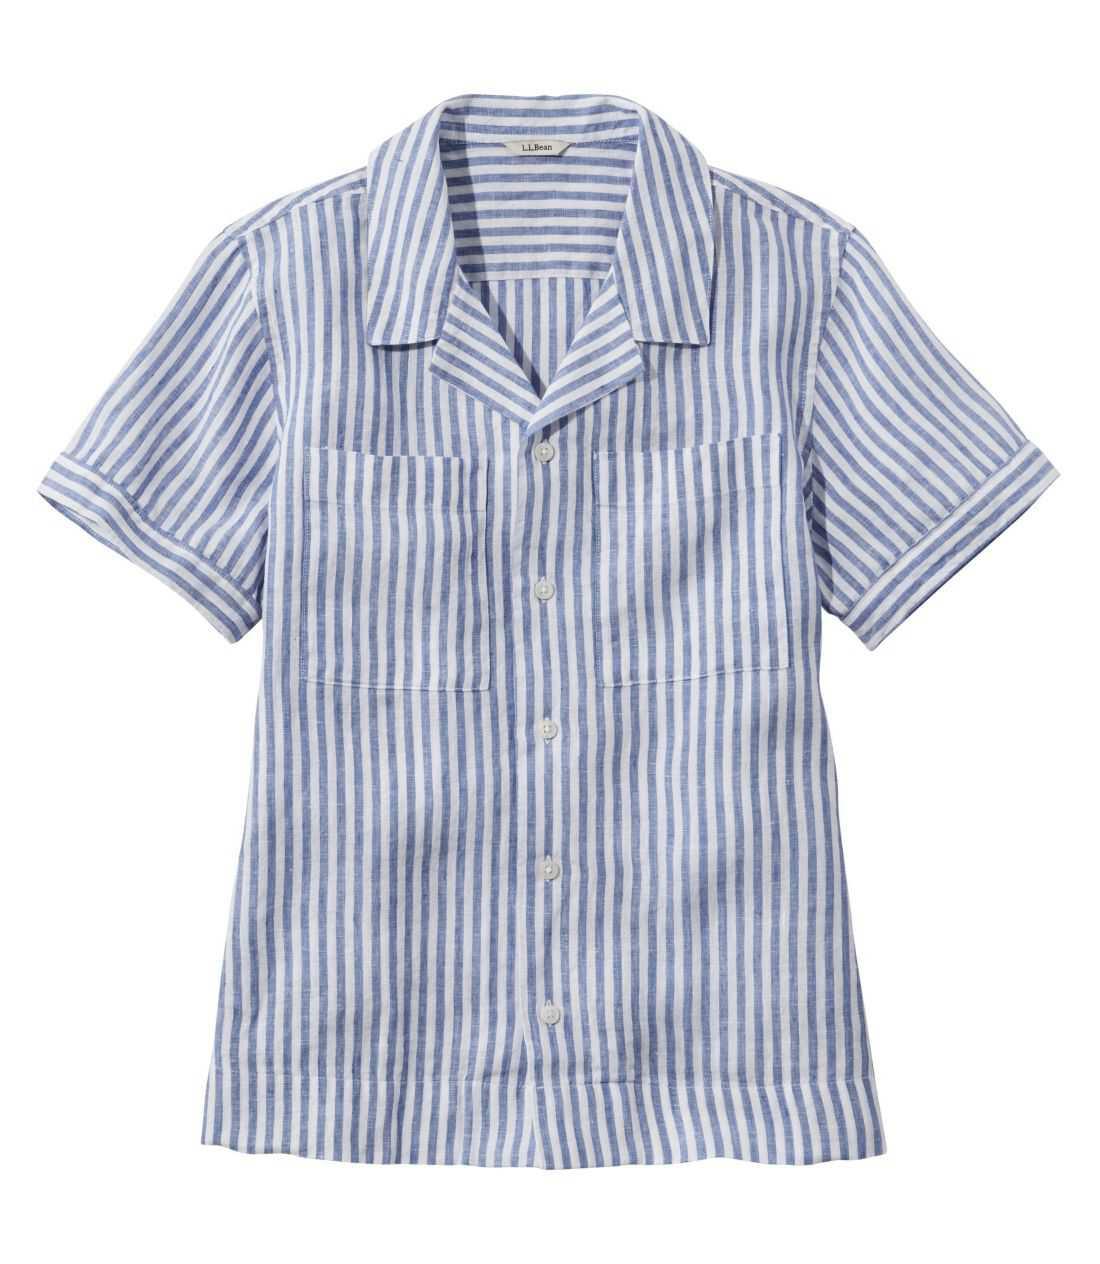 プレミアム・ウォッシャブル・リネン・キャンプ・シャツ、半袖 ストライプ